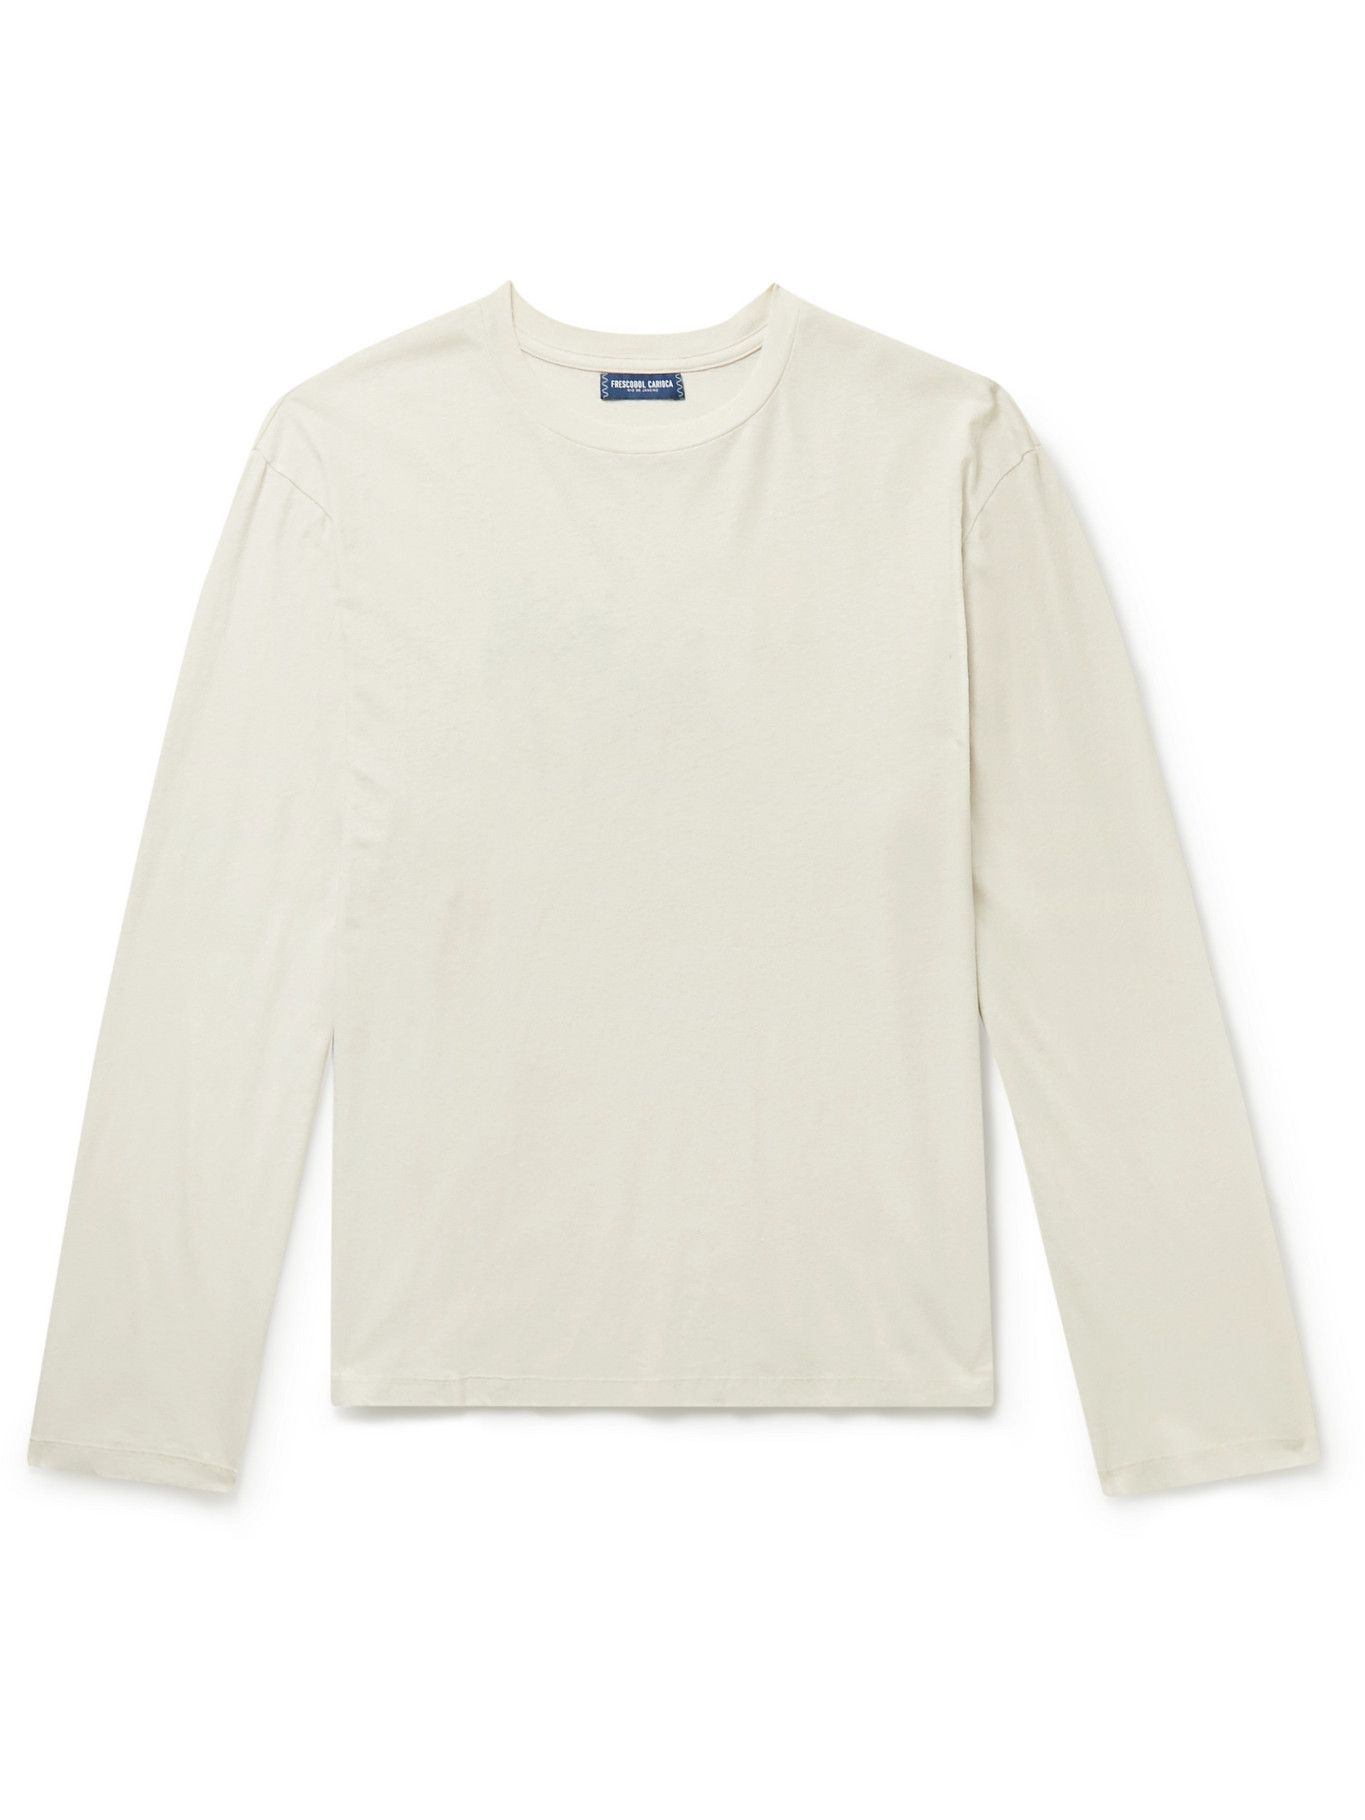 Photo: Frescobol Carioca - Garrett Leight Printed Cotton and Linen-Blend T-Shirt - Gray